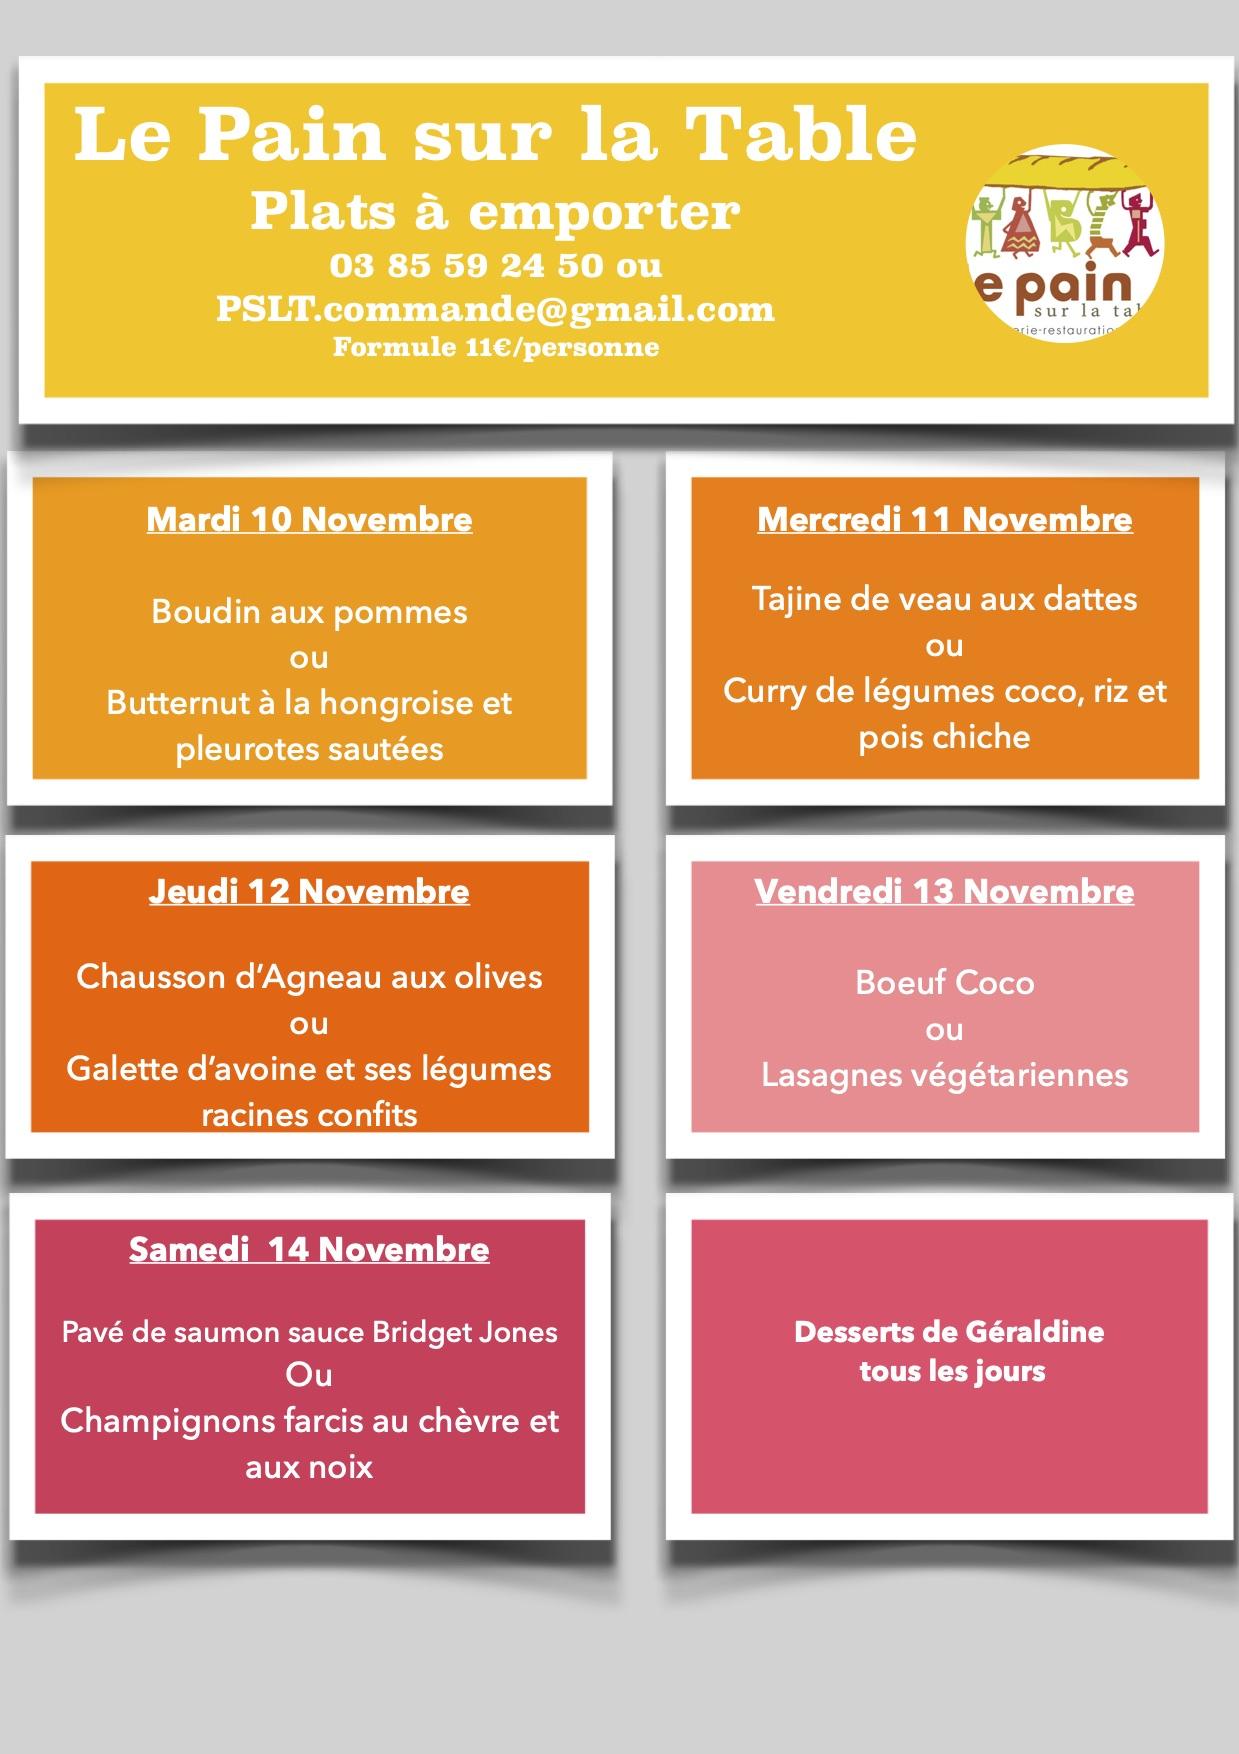 Les Menus de de la semaine du 10 au 14 Novembre 2020